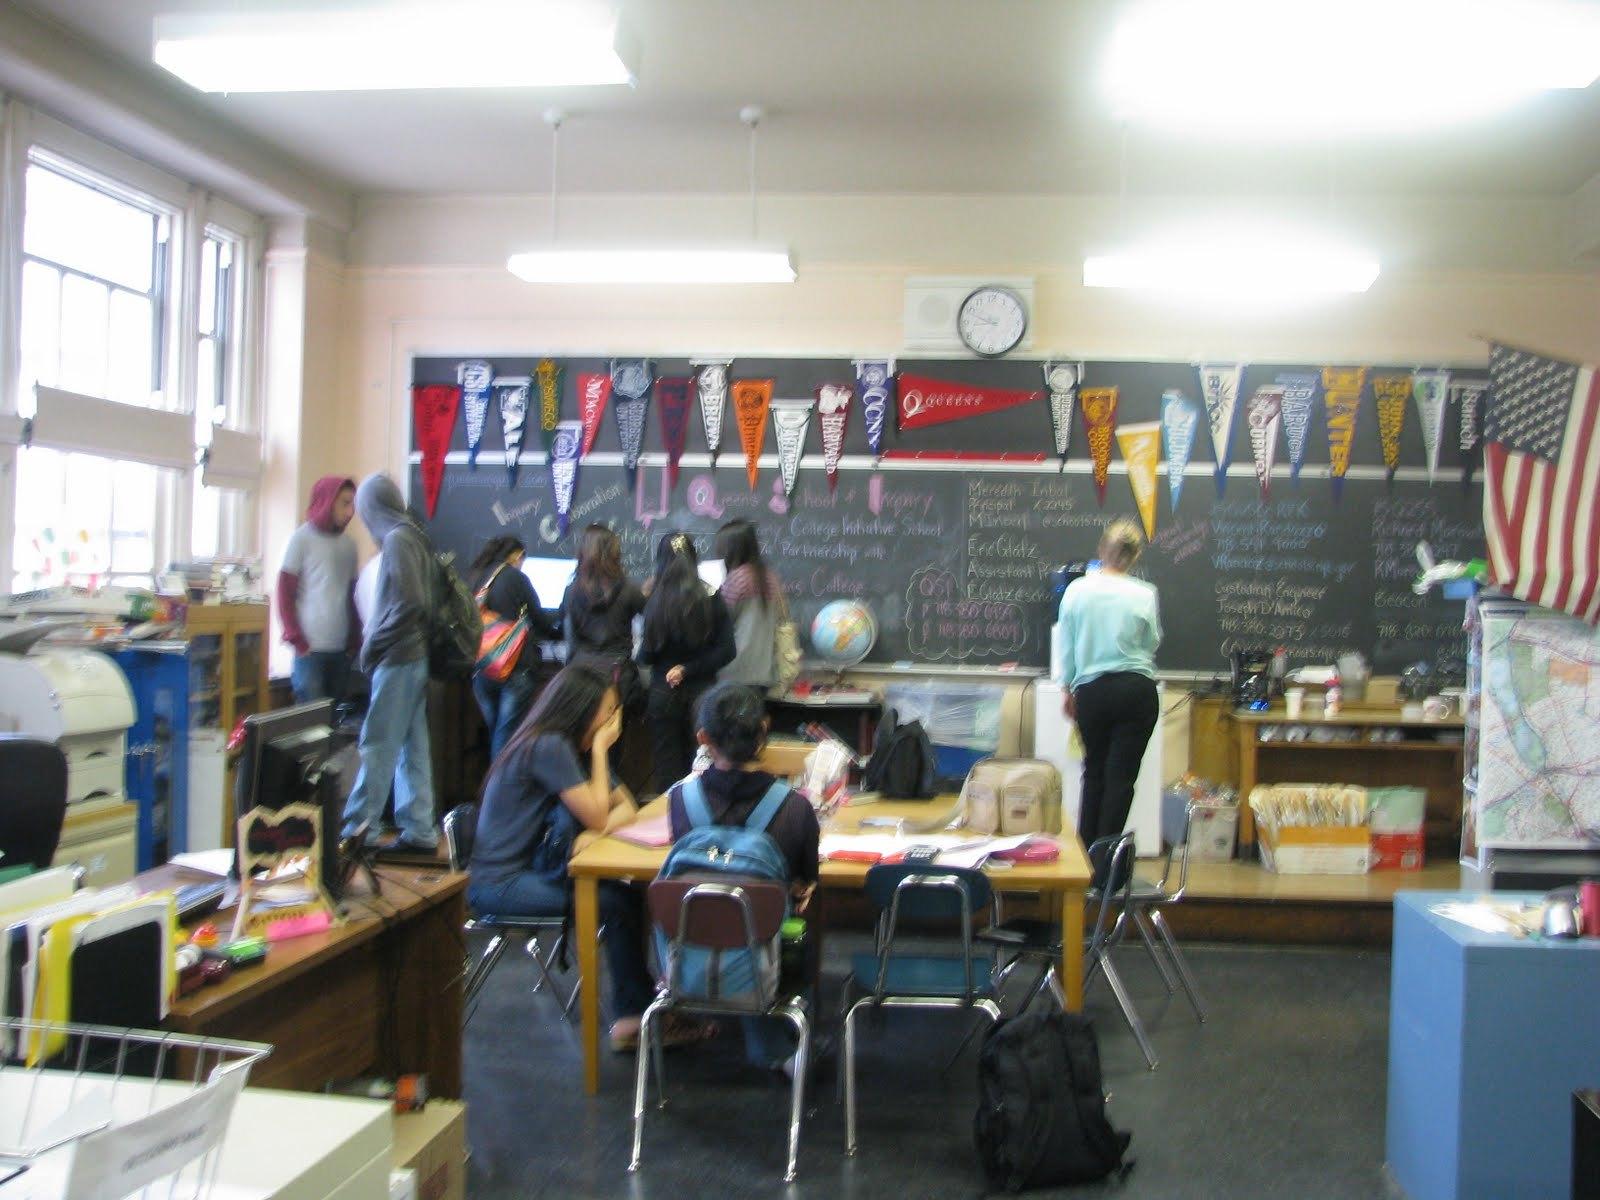 Queens School of Inquiry, The - District 25 - InsideSchools